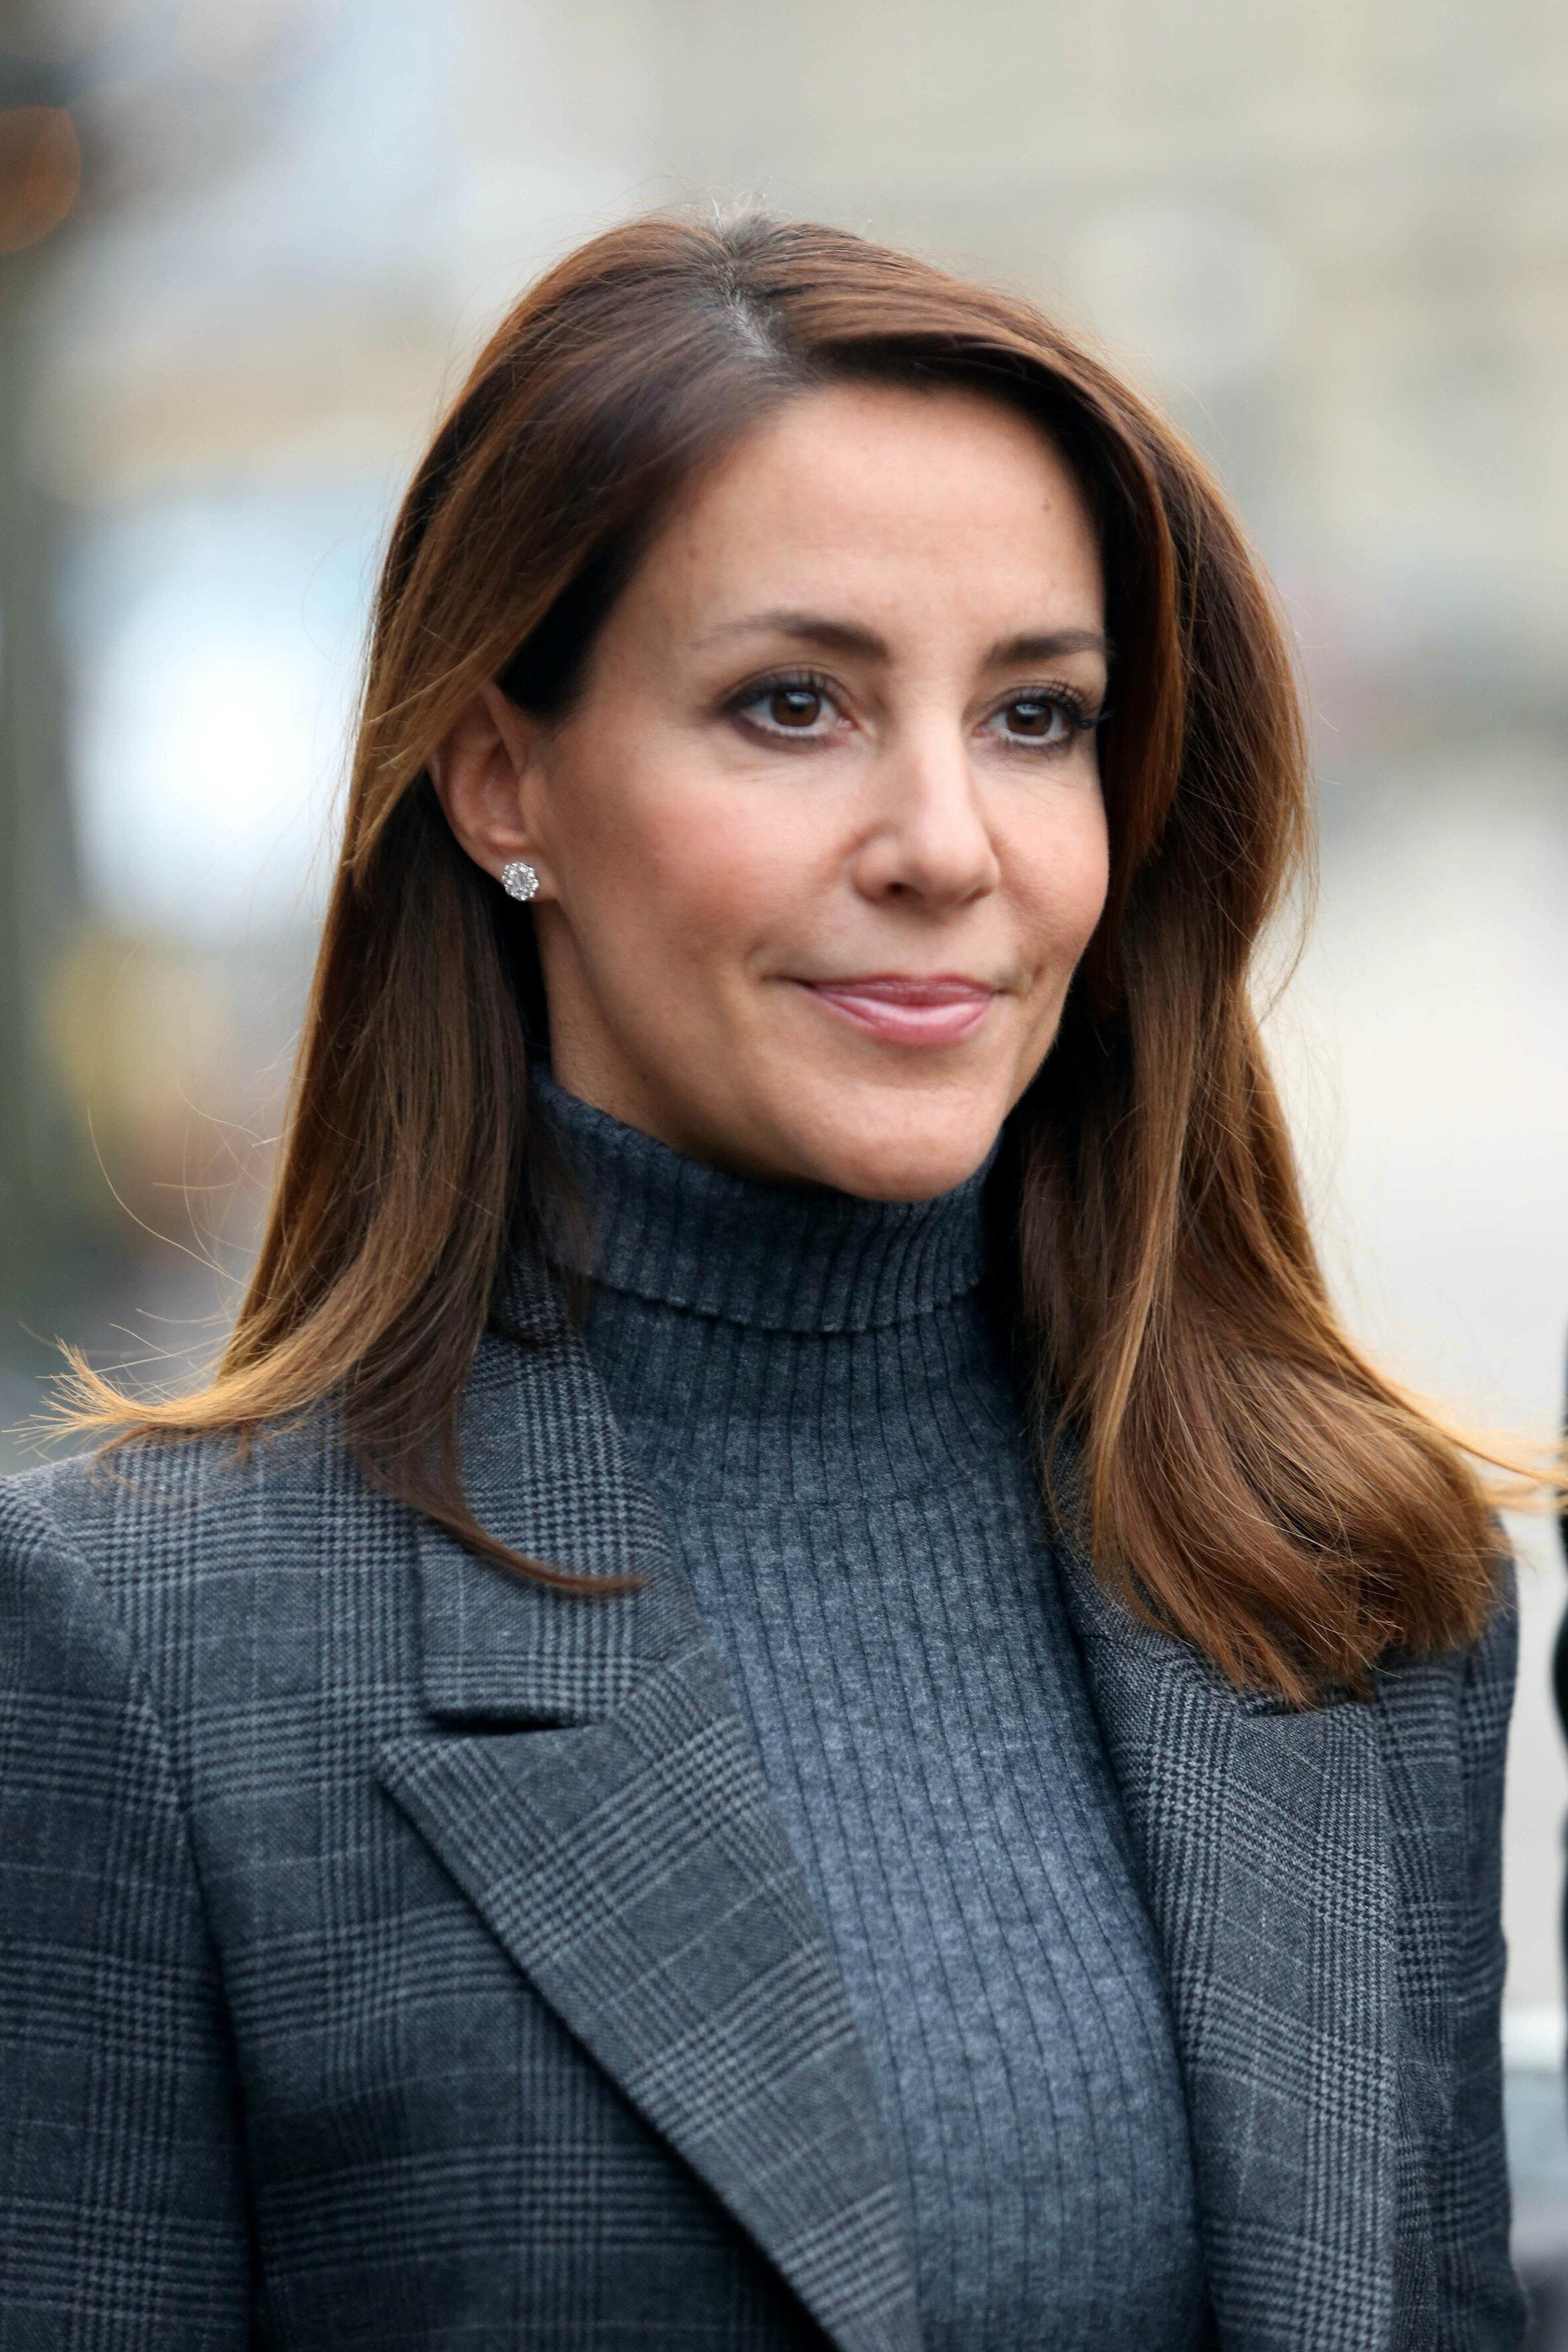 Prinzessin Marie lebt inzwischen seit über zehn Jahren in Dänemark. Die Rückkehr nach Frankreich ist schwieriger als gedacht.  © picture alliance/PPE